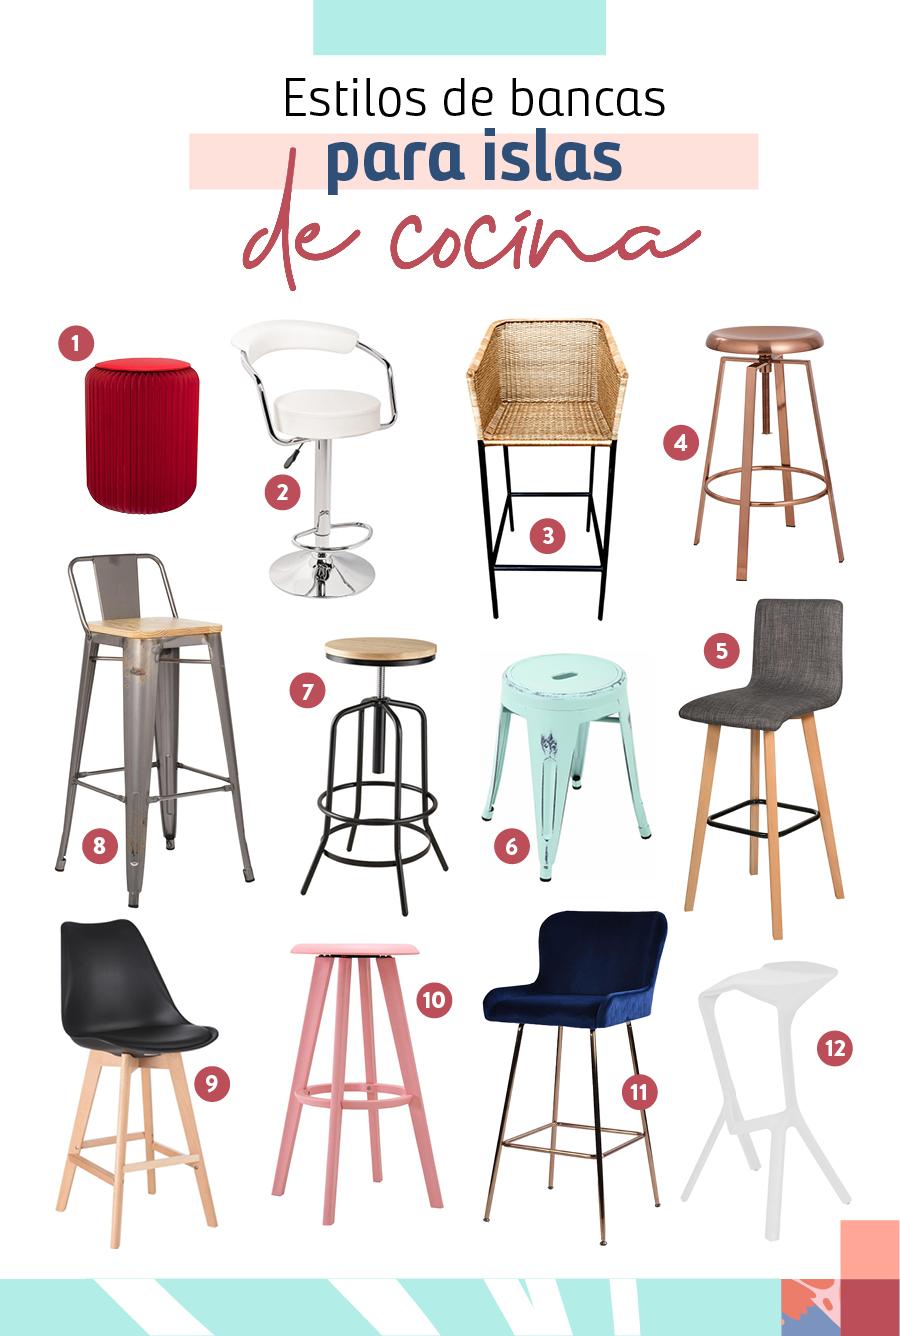 Selección de 12 estilos diferentes de sillas para islas de cocina, con enlace que lleva a la tienda Sodimac.com